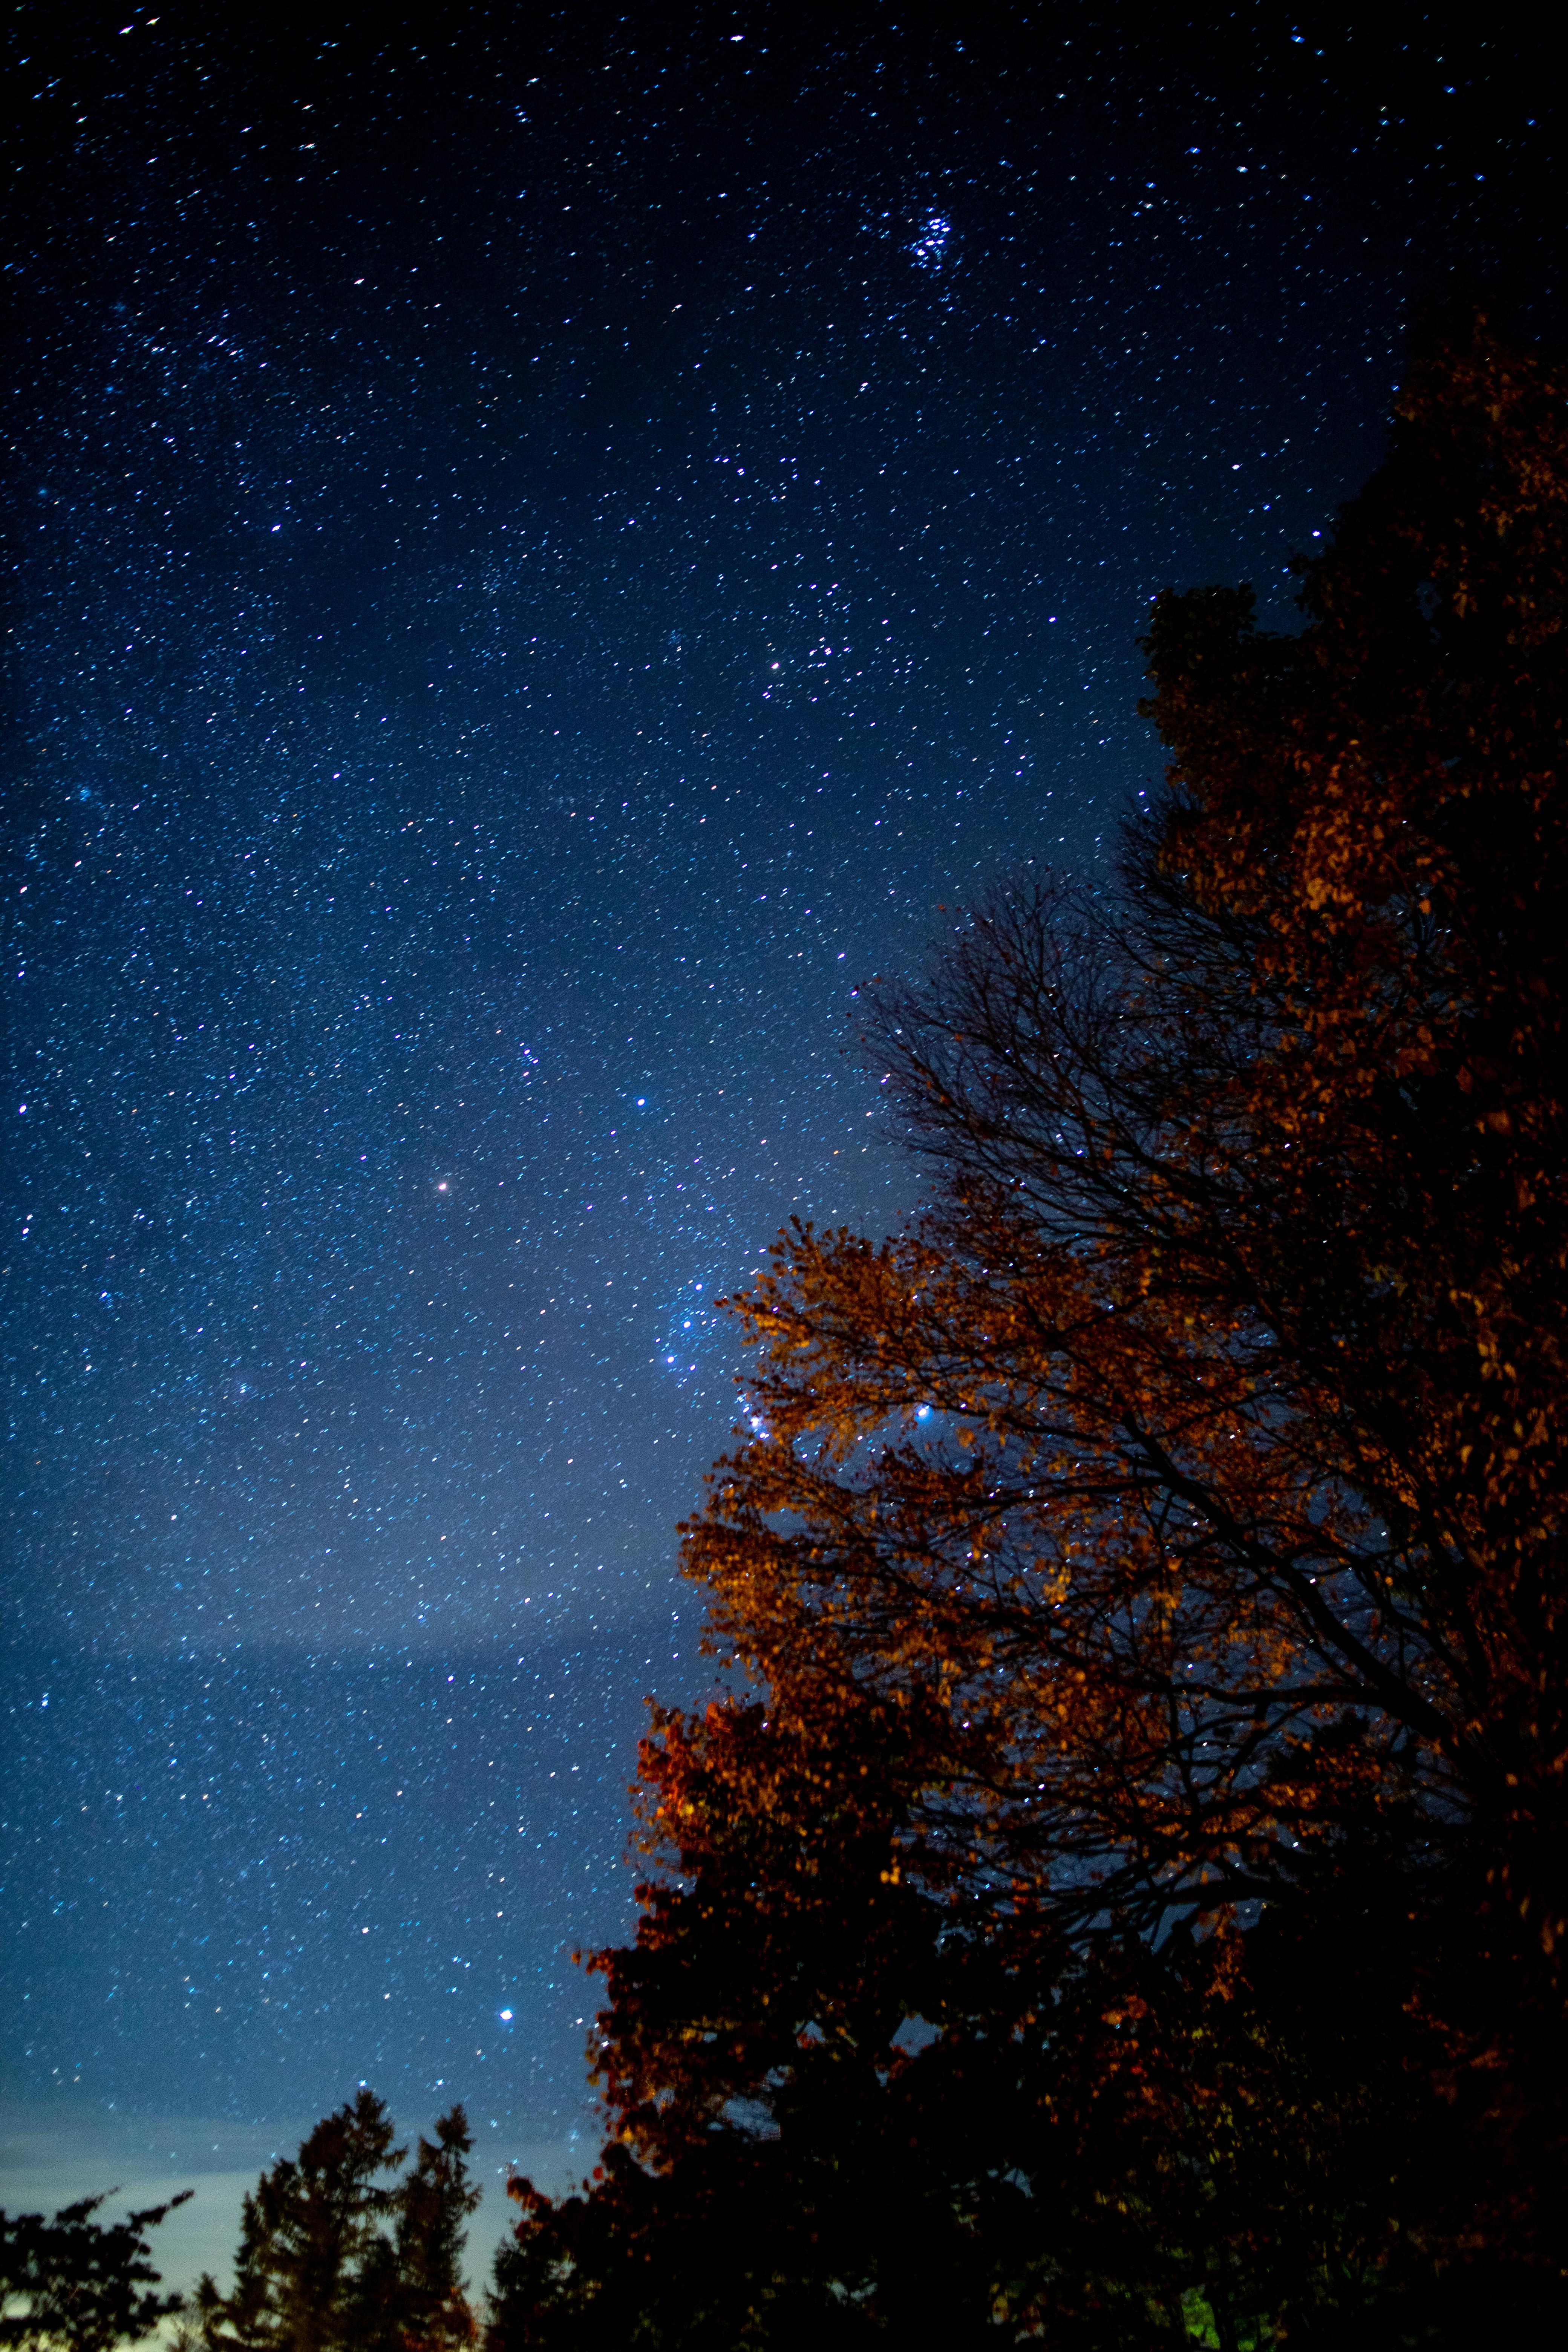 80614 Заставки и Обои Темные на телефон. Скачать Звезды, Ночь, Темные, Дерево, Звездное Небо, Темнота картинки бесплатно